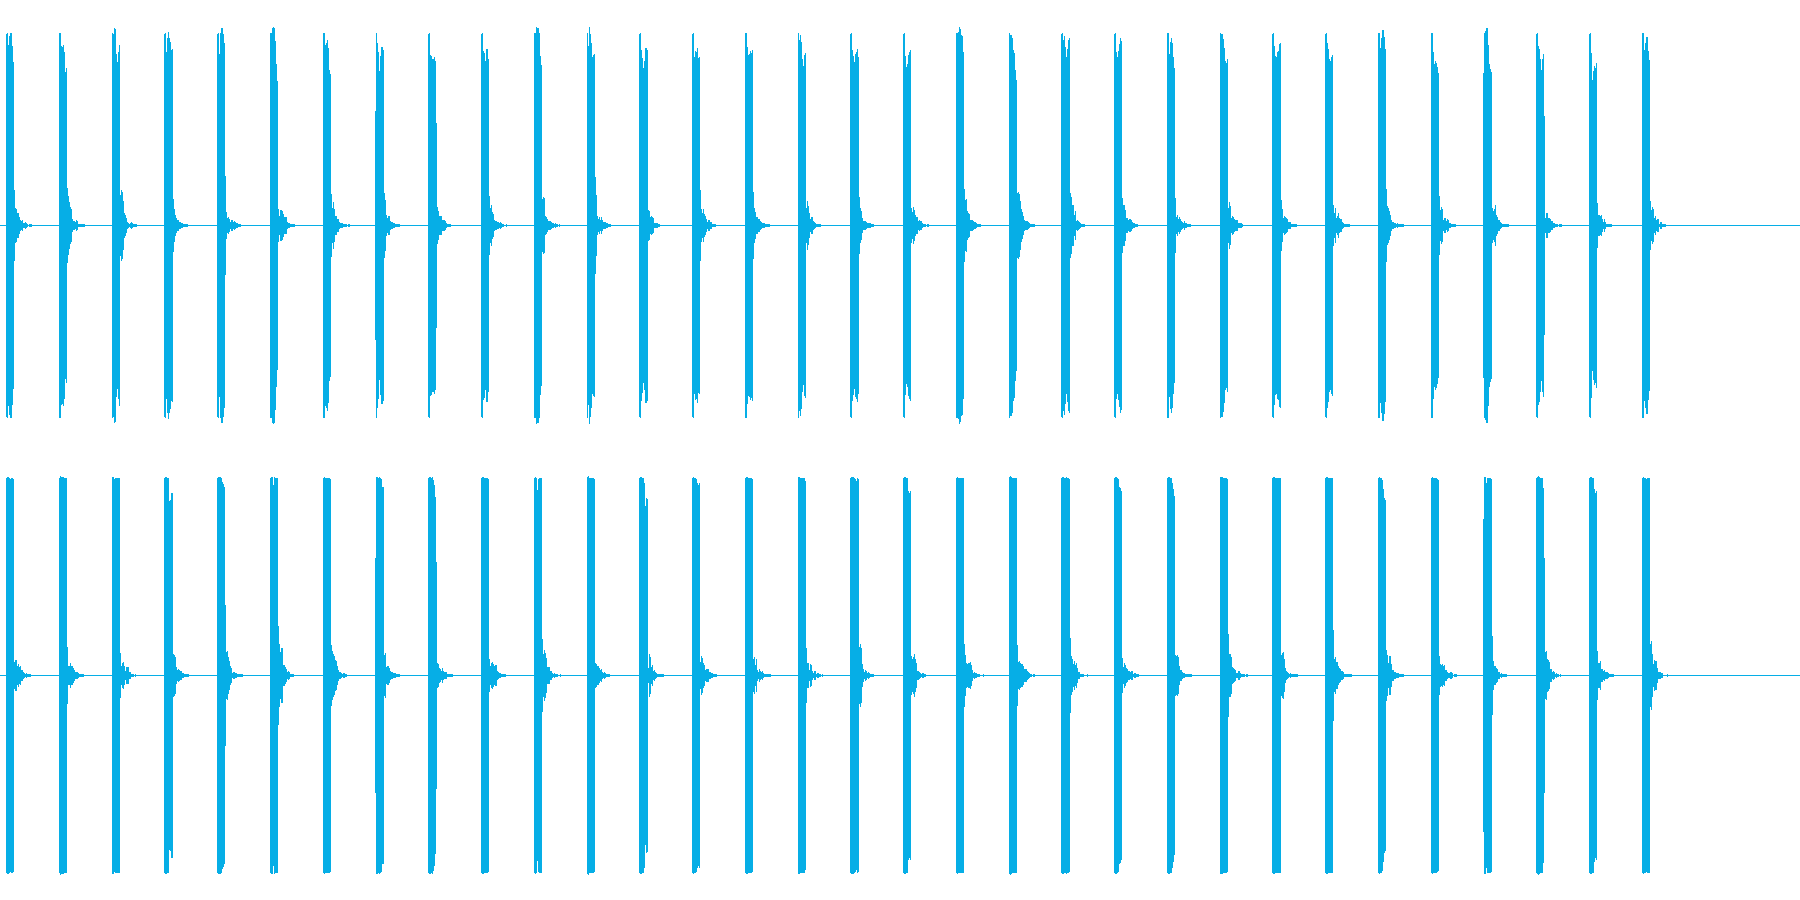 心電図の音-1-2(BPM50)の再生済みの波形